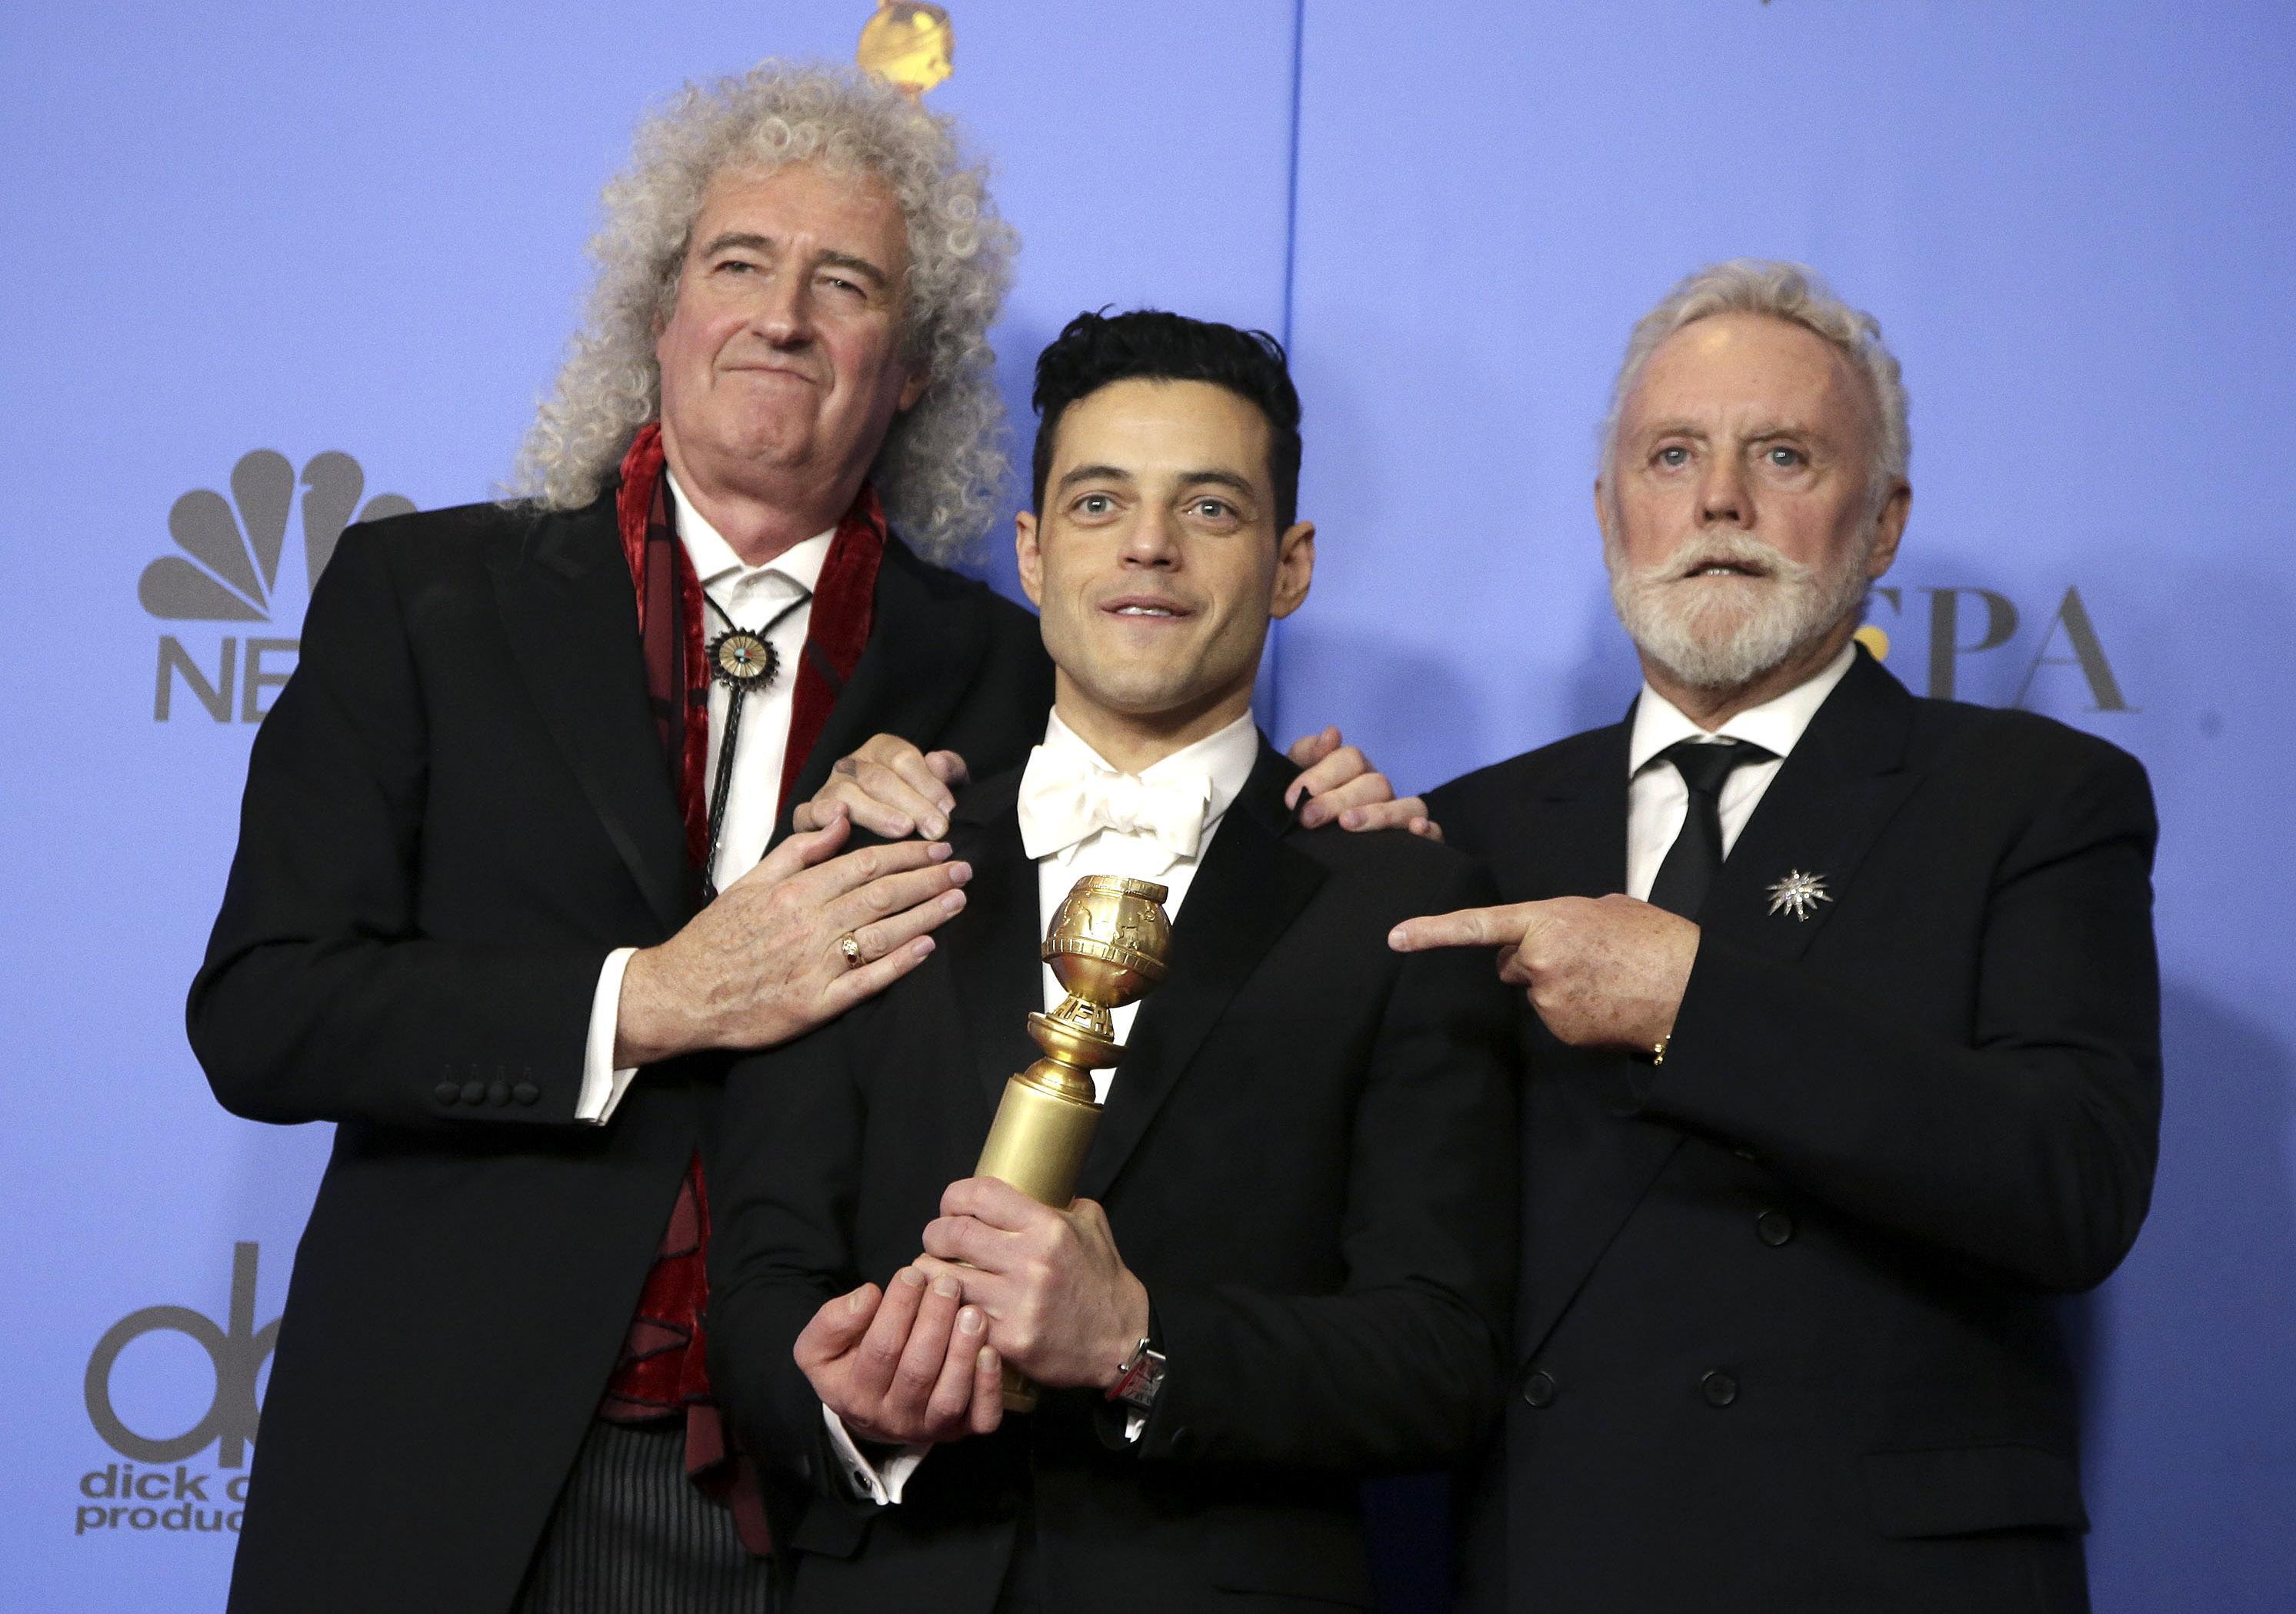 Golden Globe 2019, i vincitori: trionfo per Bohemian Rhapsody e Rami Malek